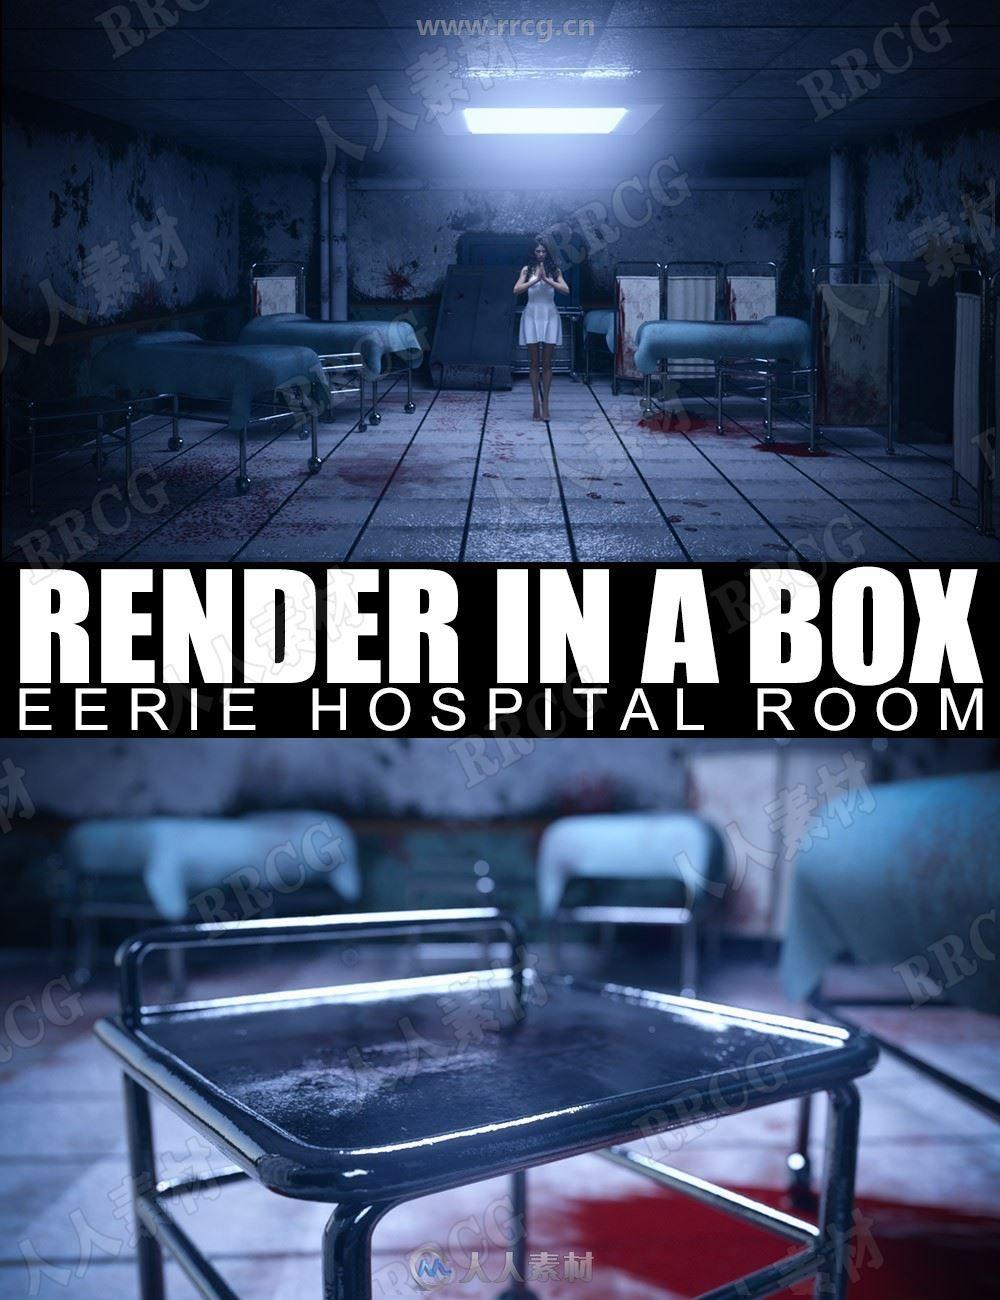 恐怖怪异医院病房3D模型合集